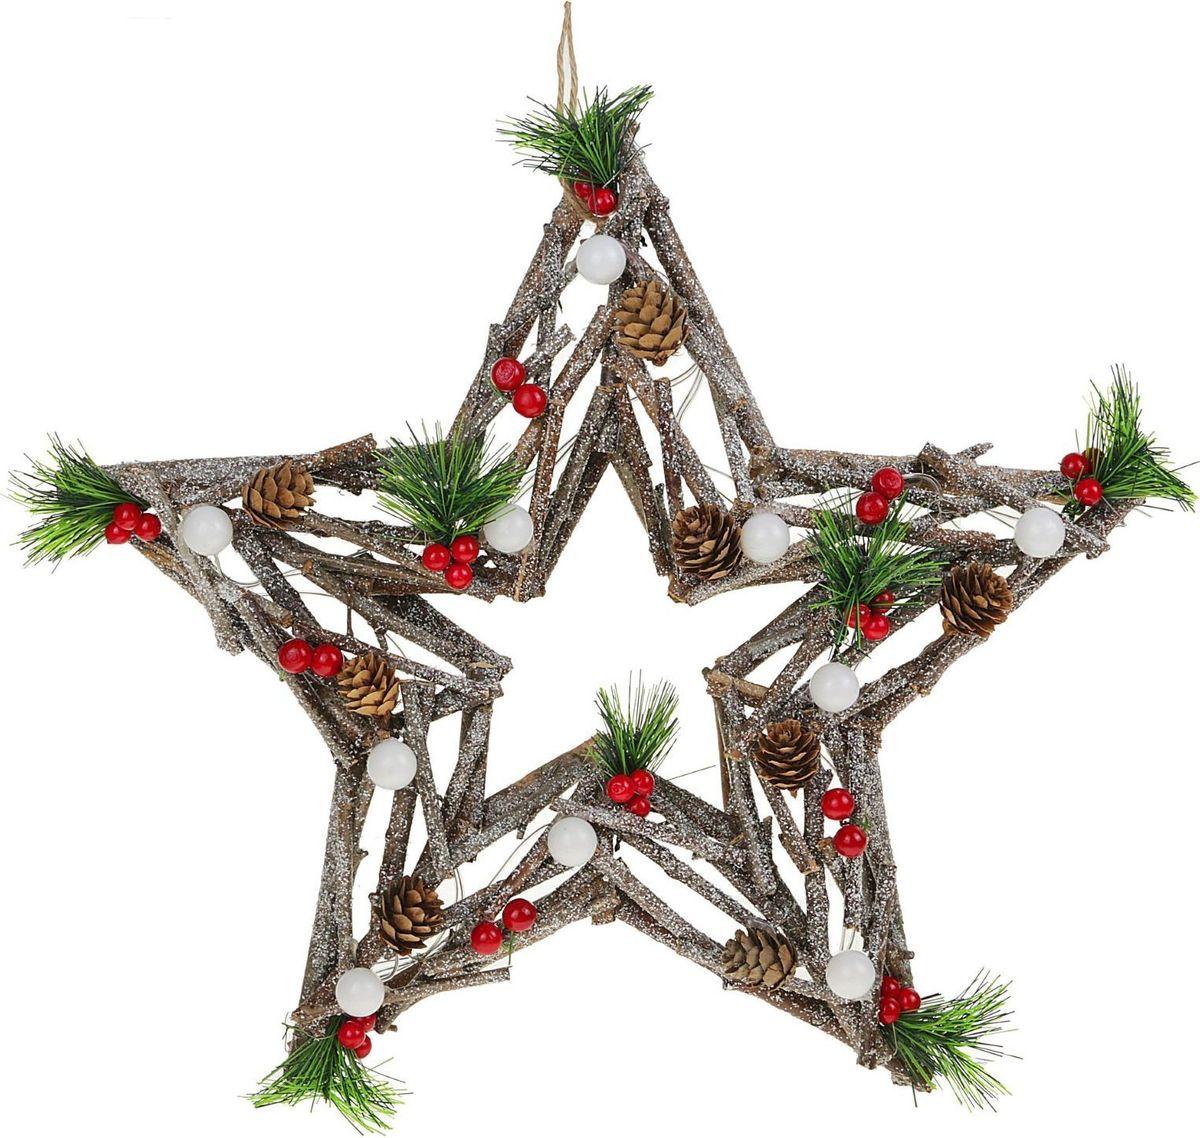 Новогоднее декоративное украшение Sima-land Звезда из веток, со светодиодной подсветкой, диаметр 40 см елочные украшения русские подарки декоративное украшение с led подсветкой